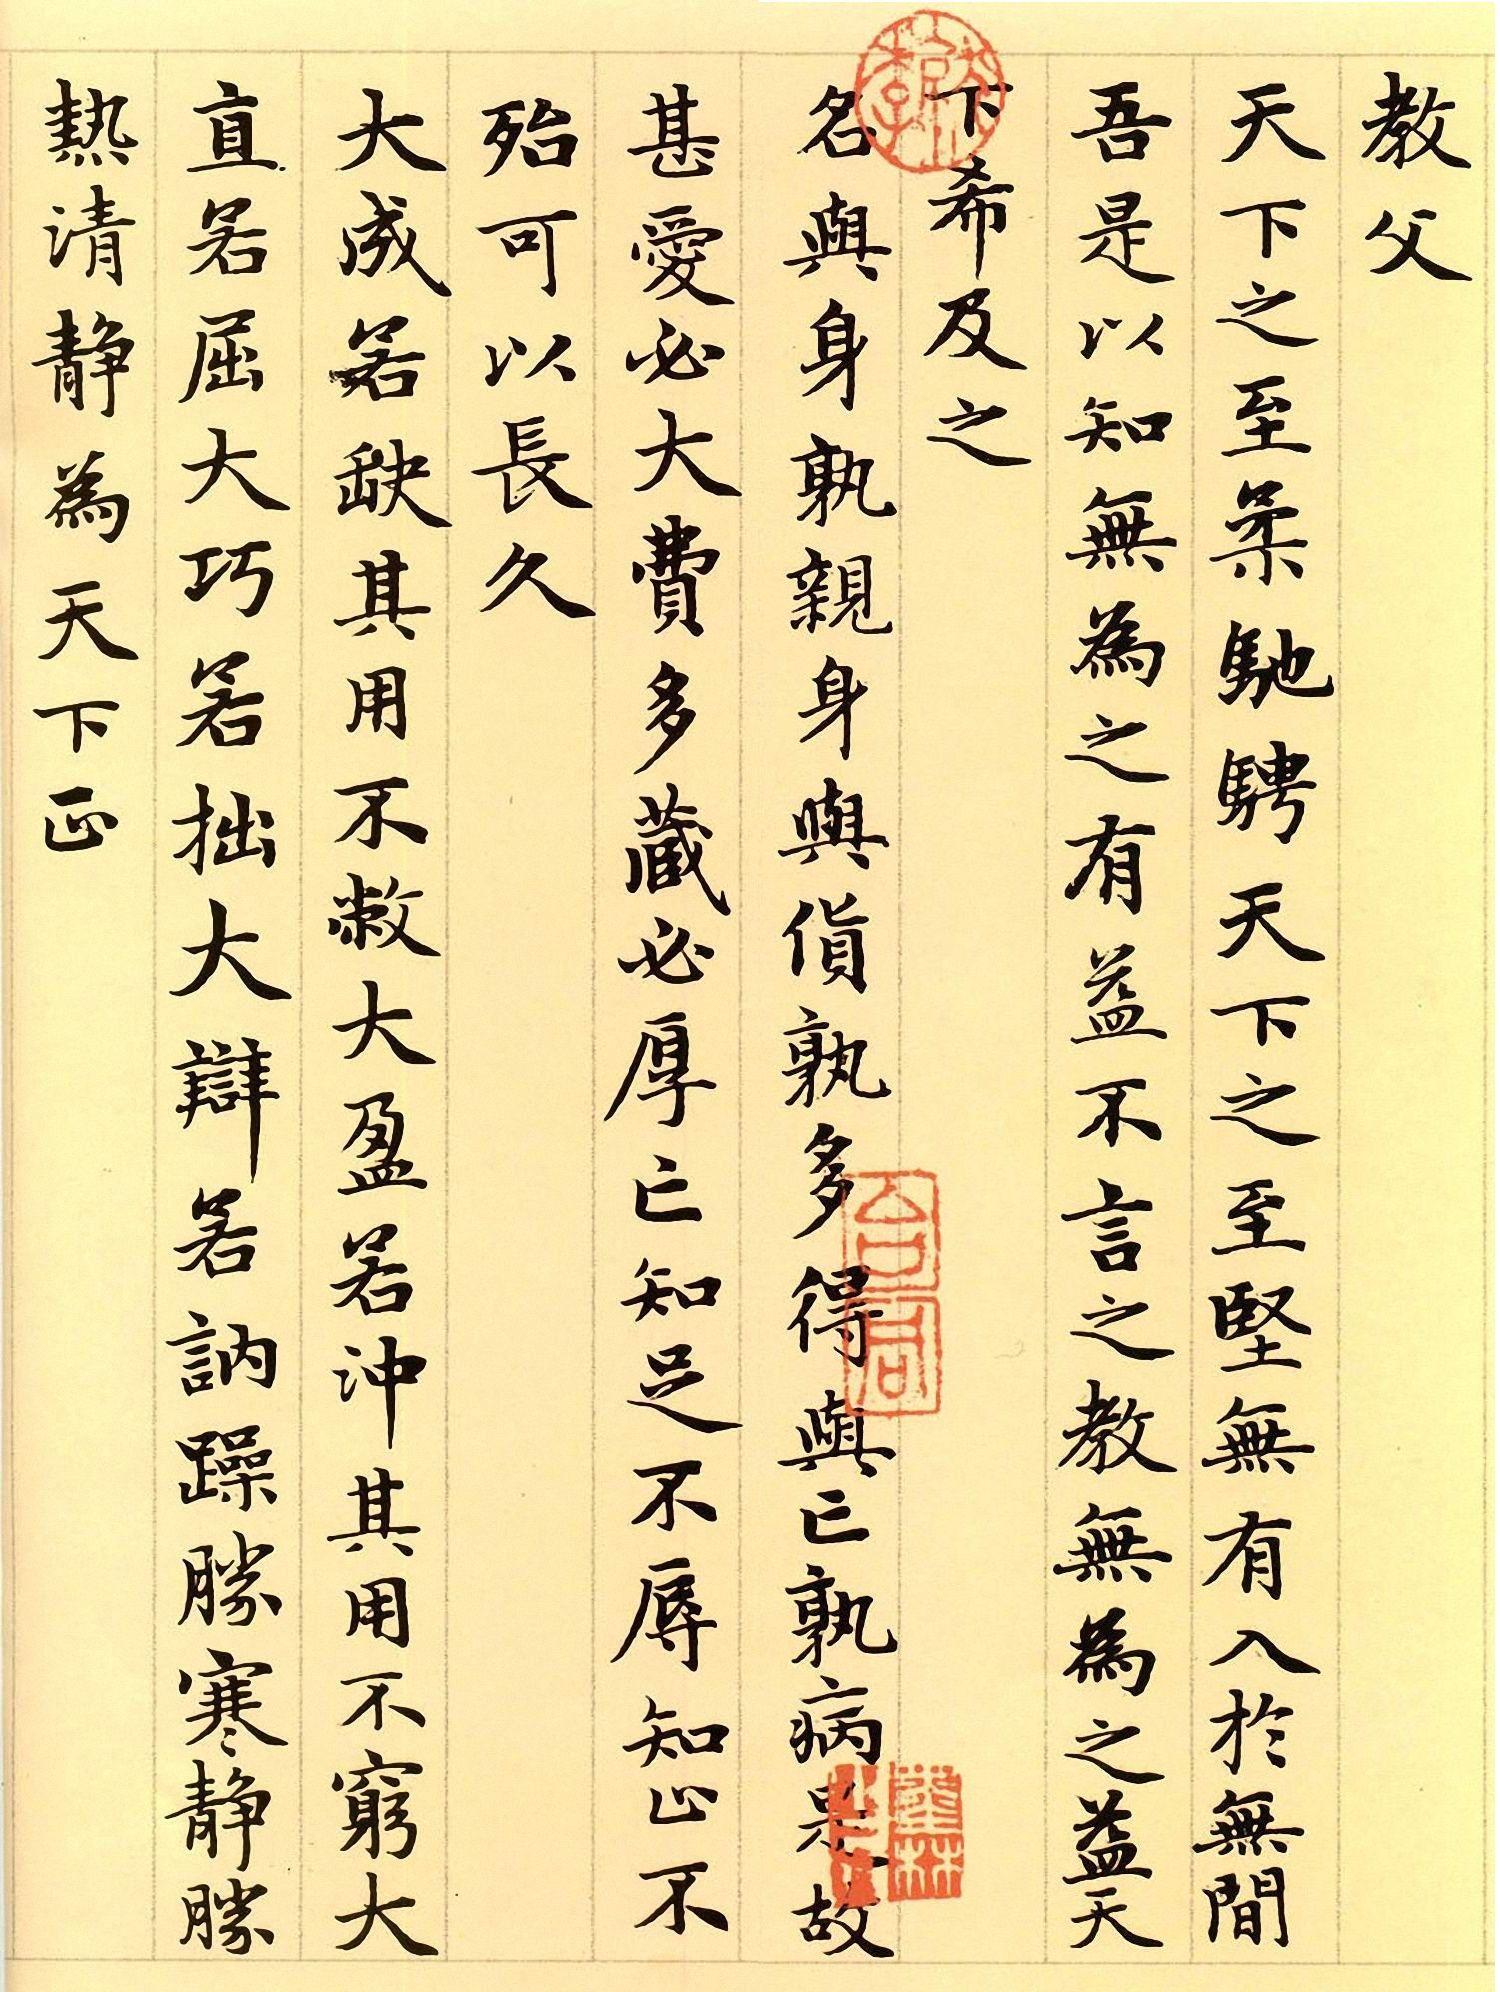 19 元朝 | 赵孟頫 | 道德经